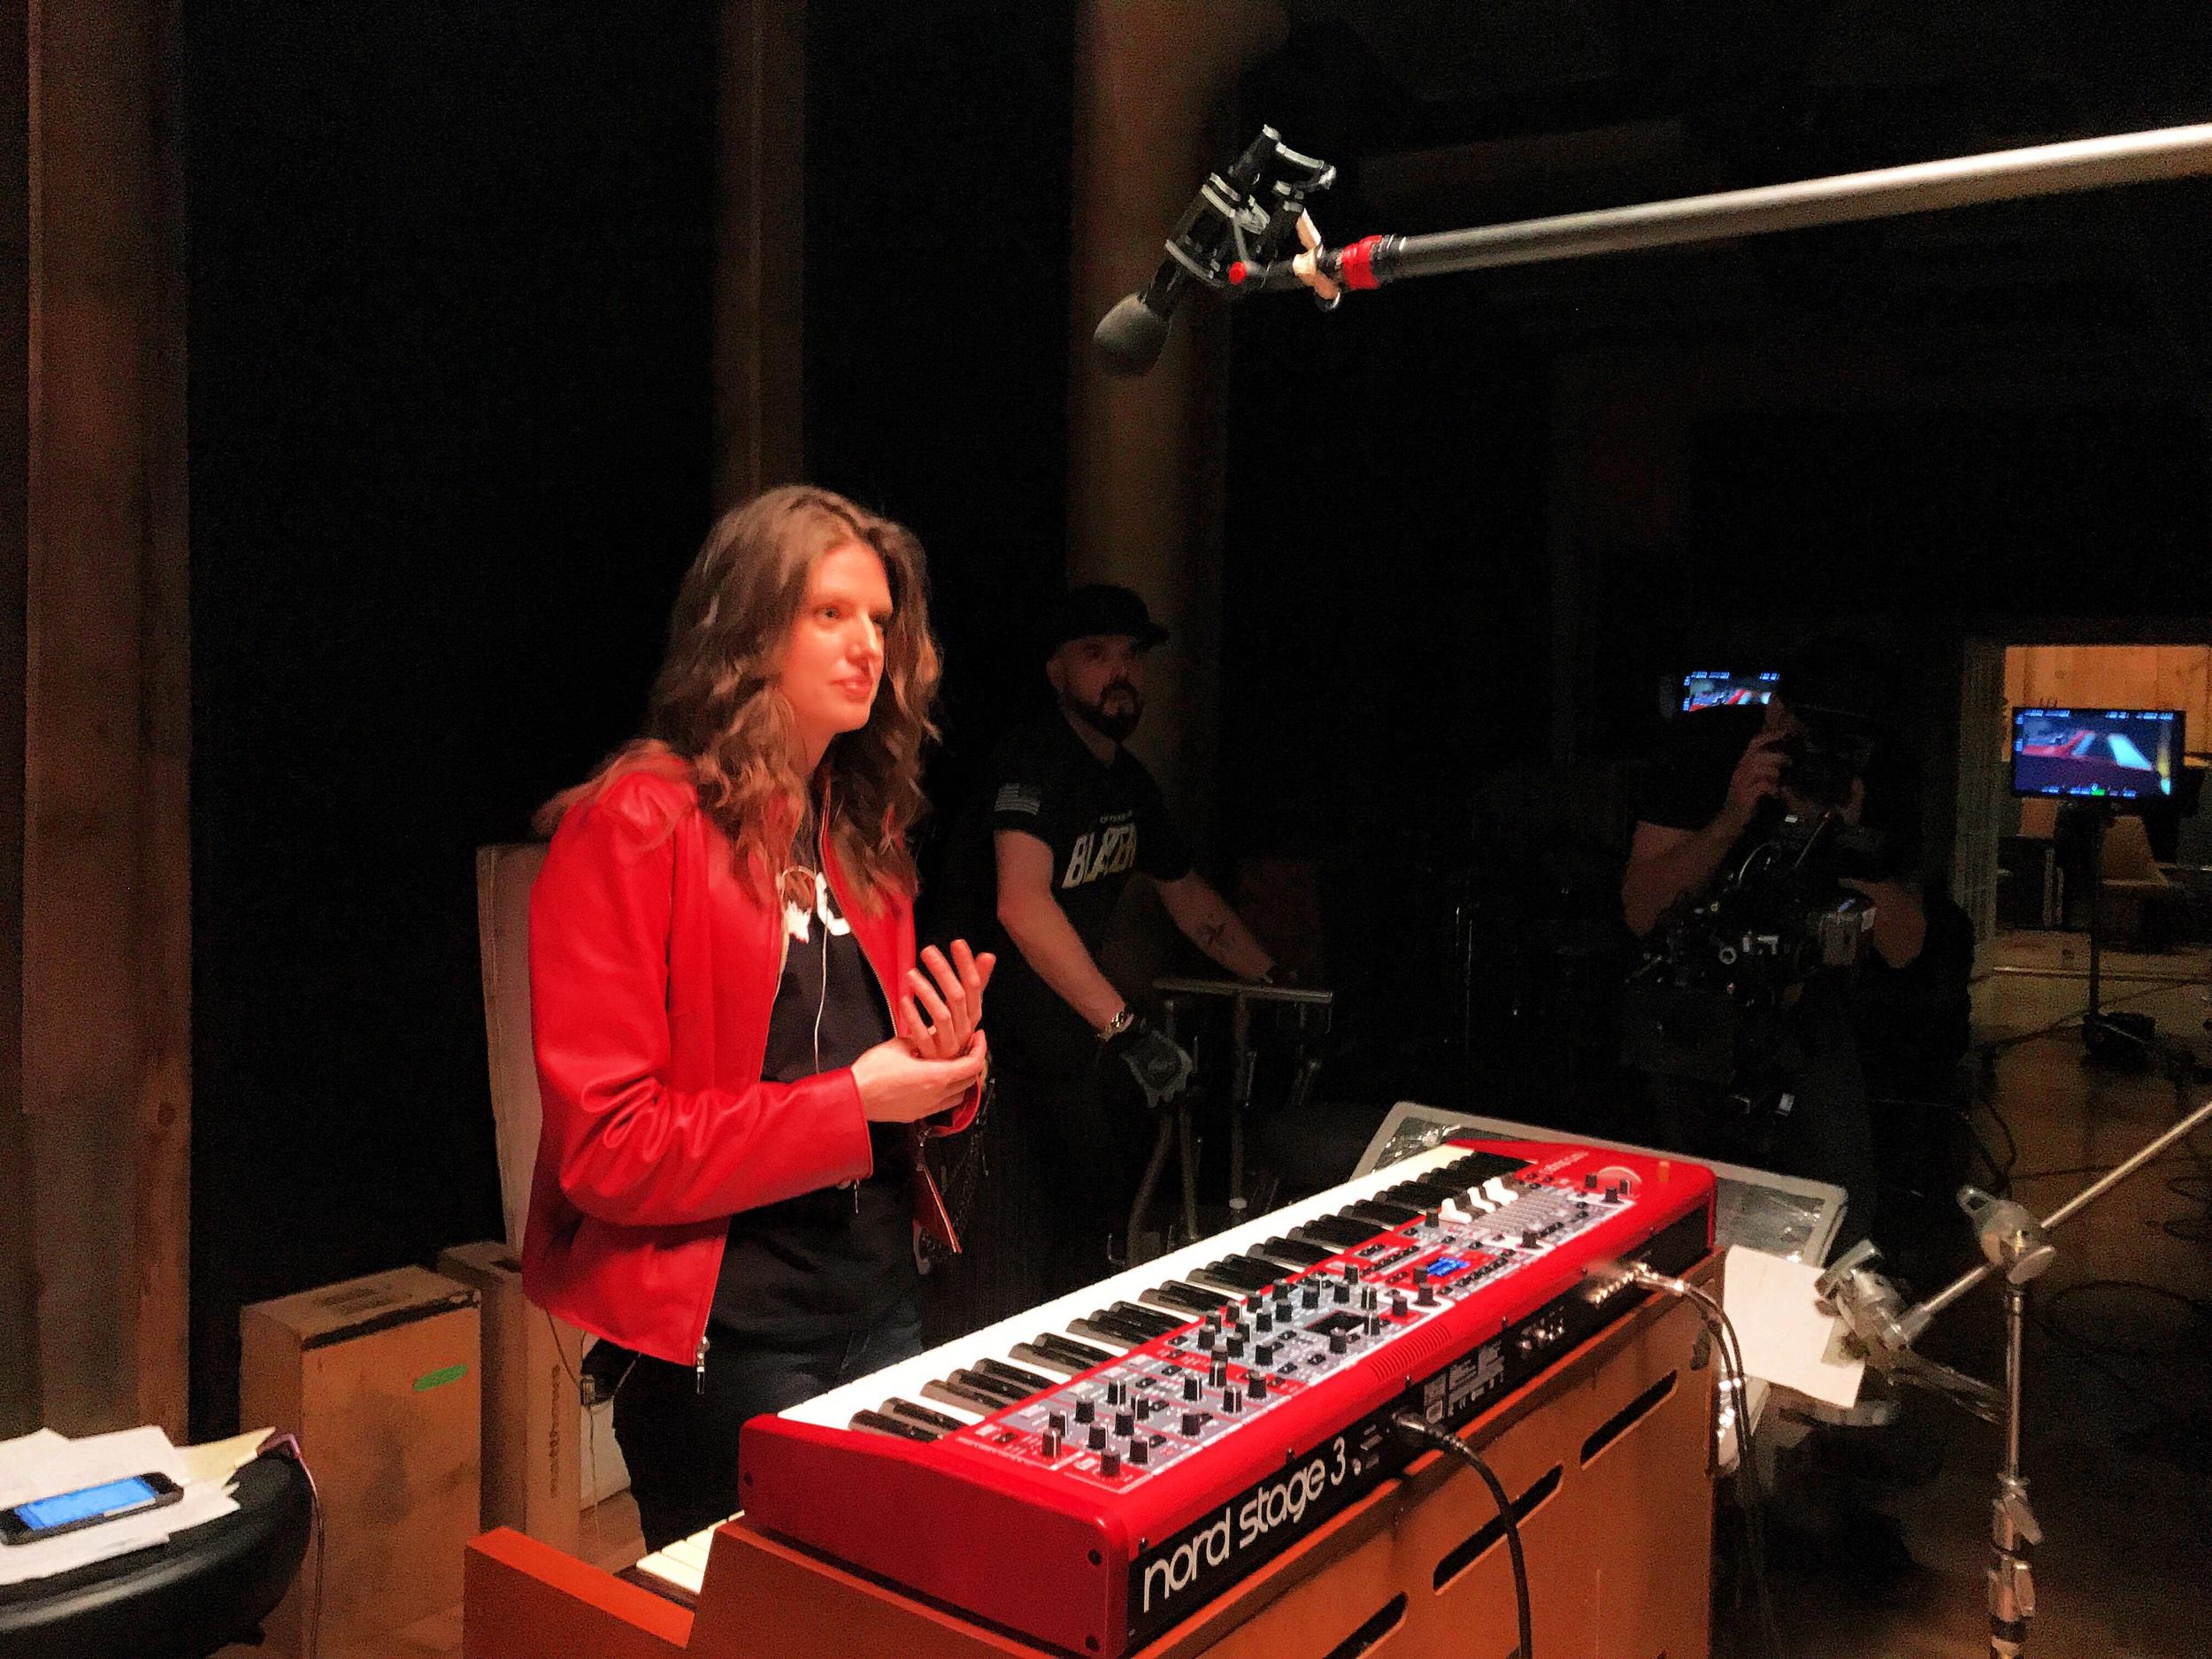 On-set between takes filming keyboard tutorials